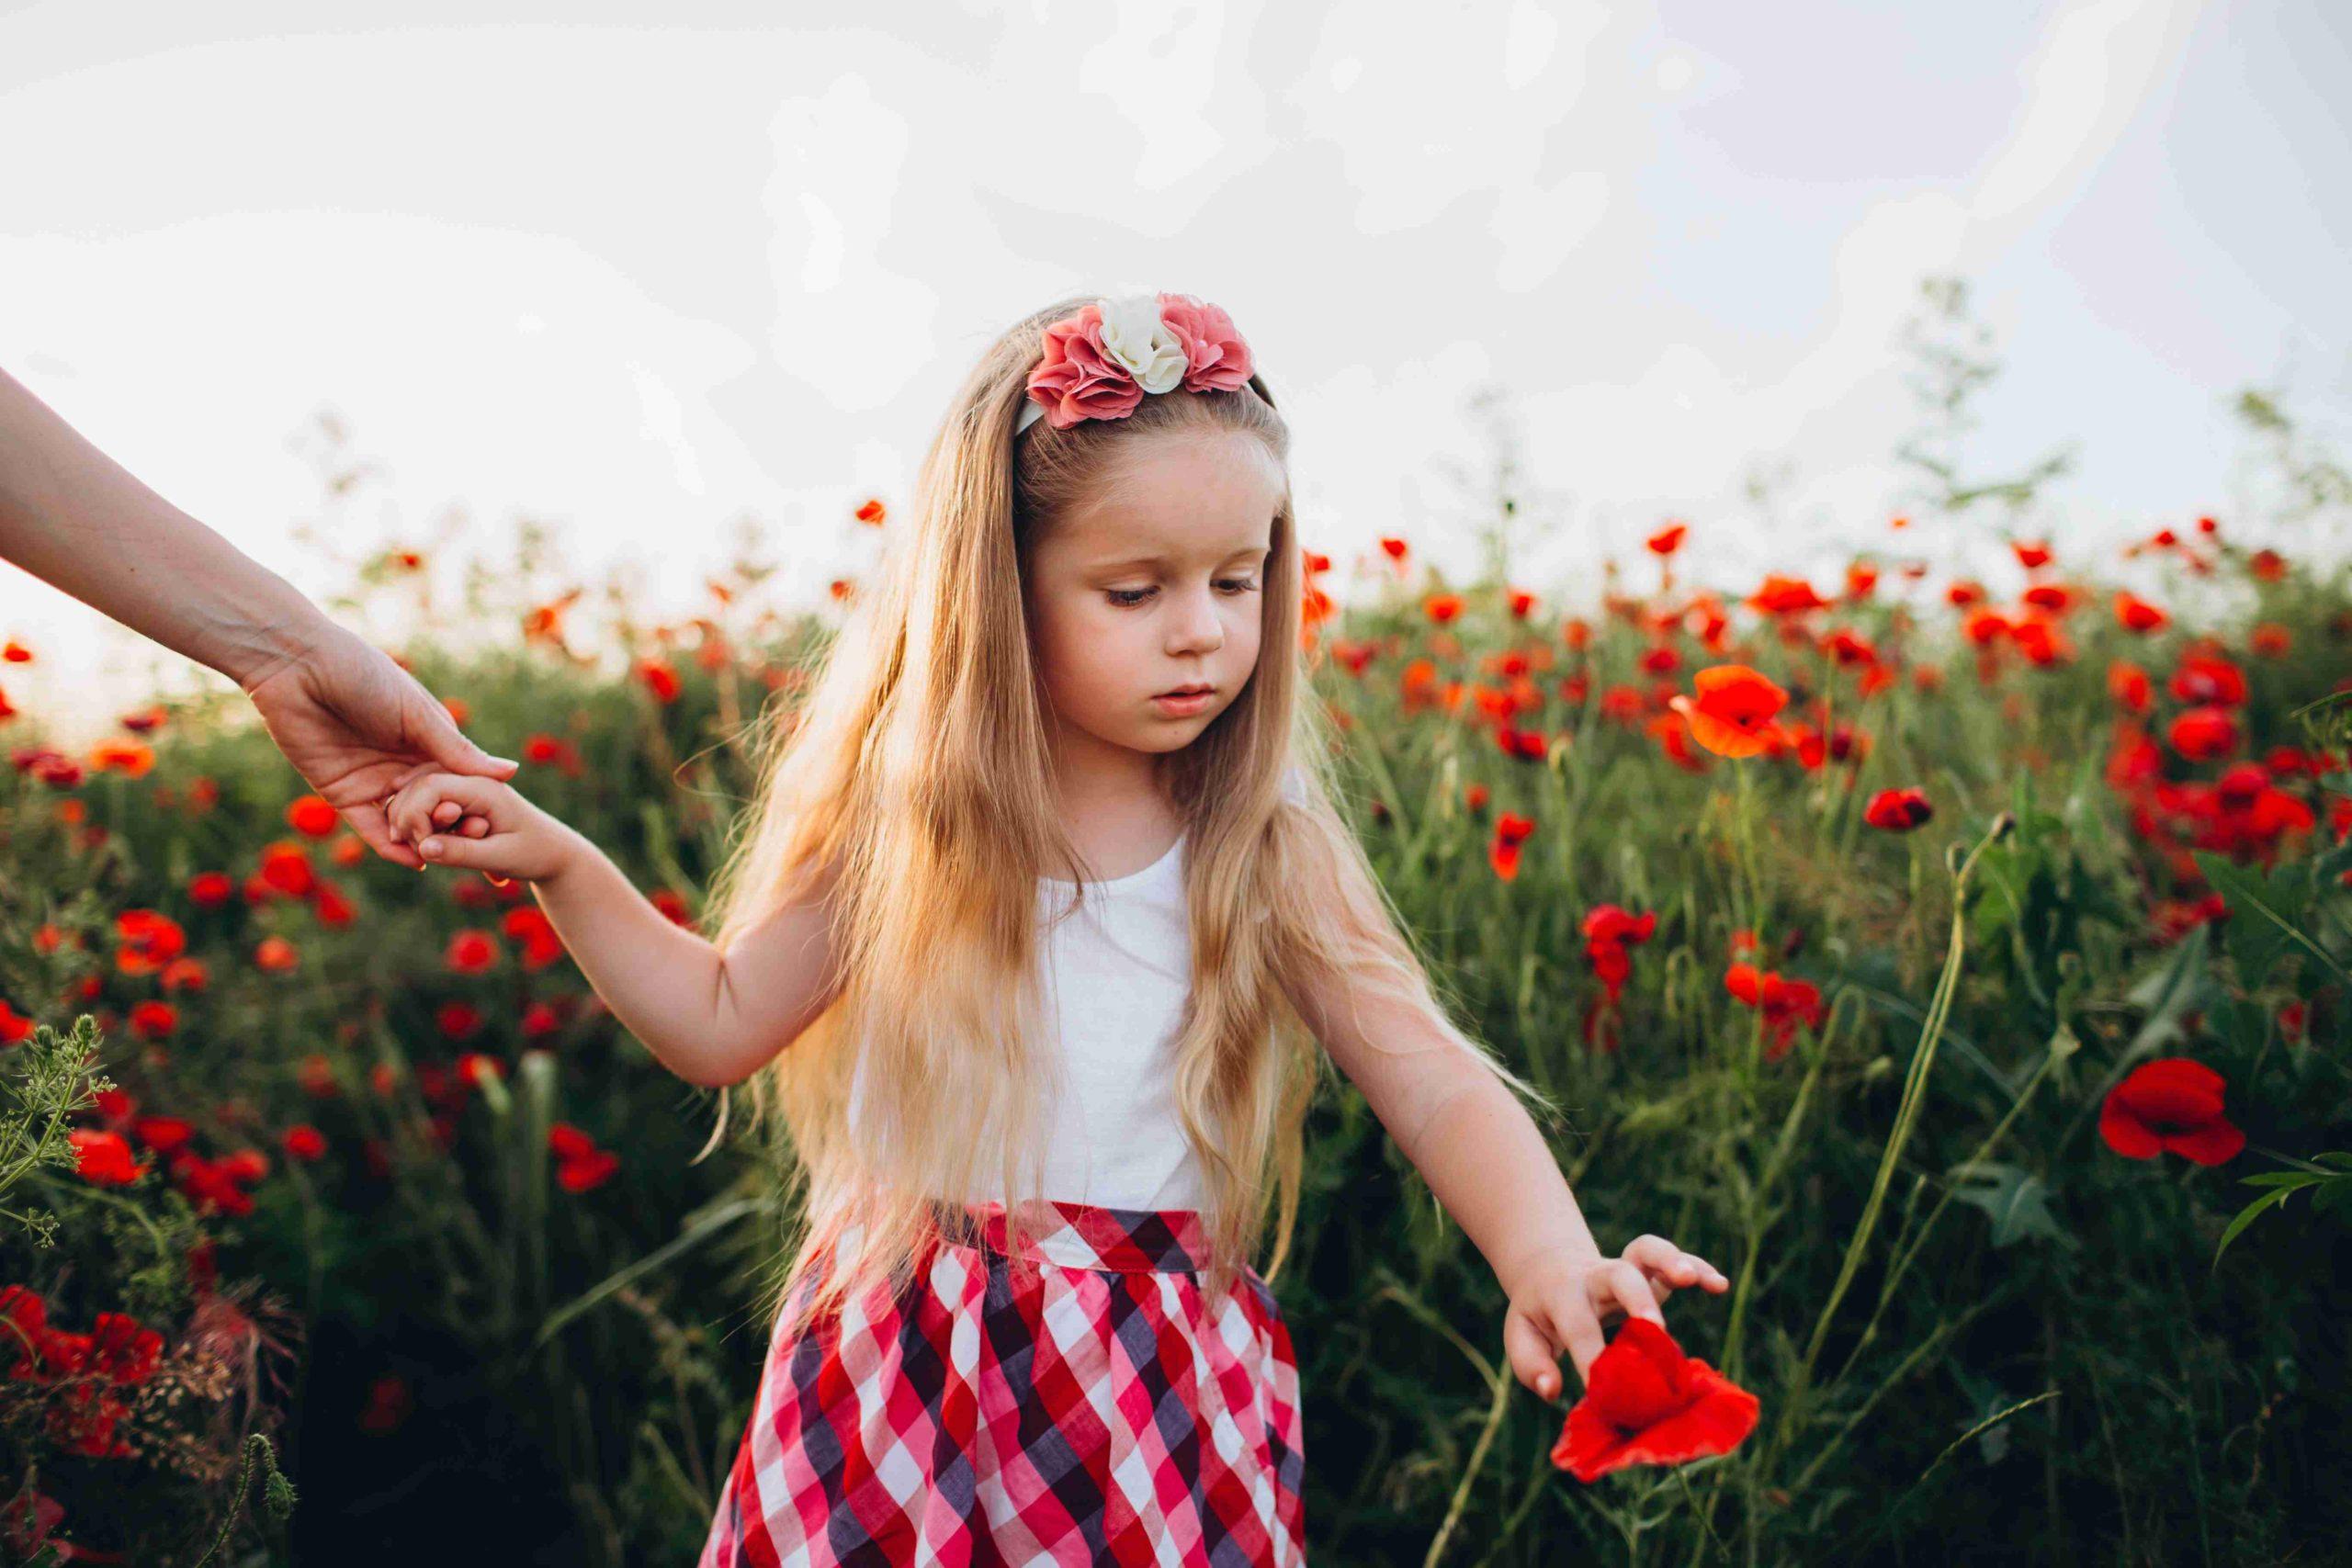 gestion-émotion-enfant-4-étapes-Isabelle-Filliozat